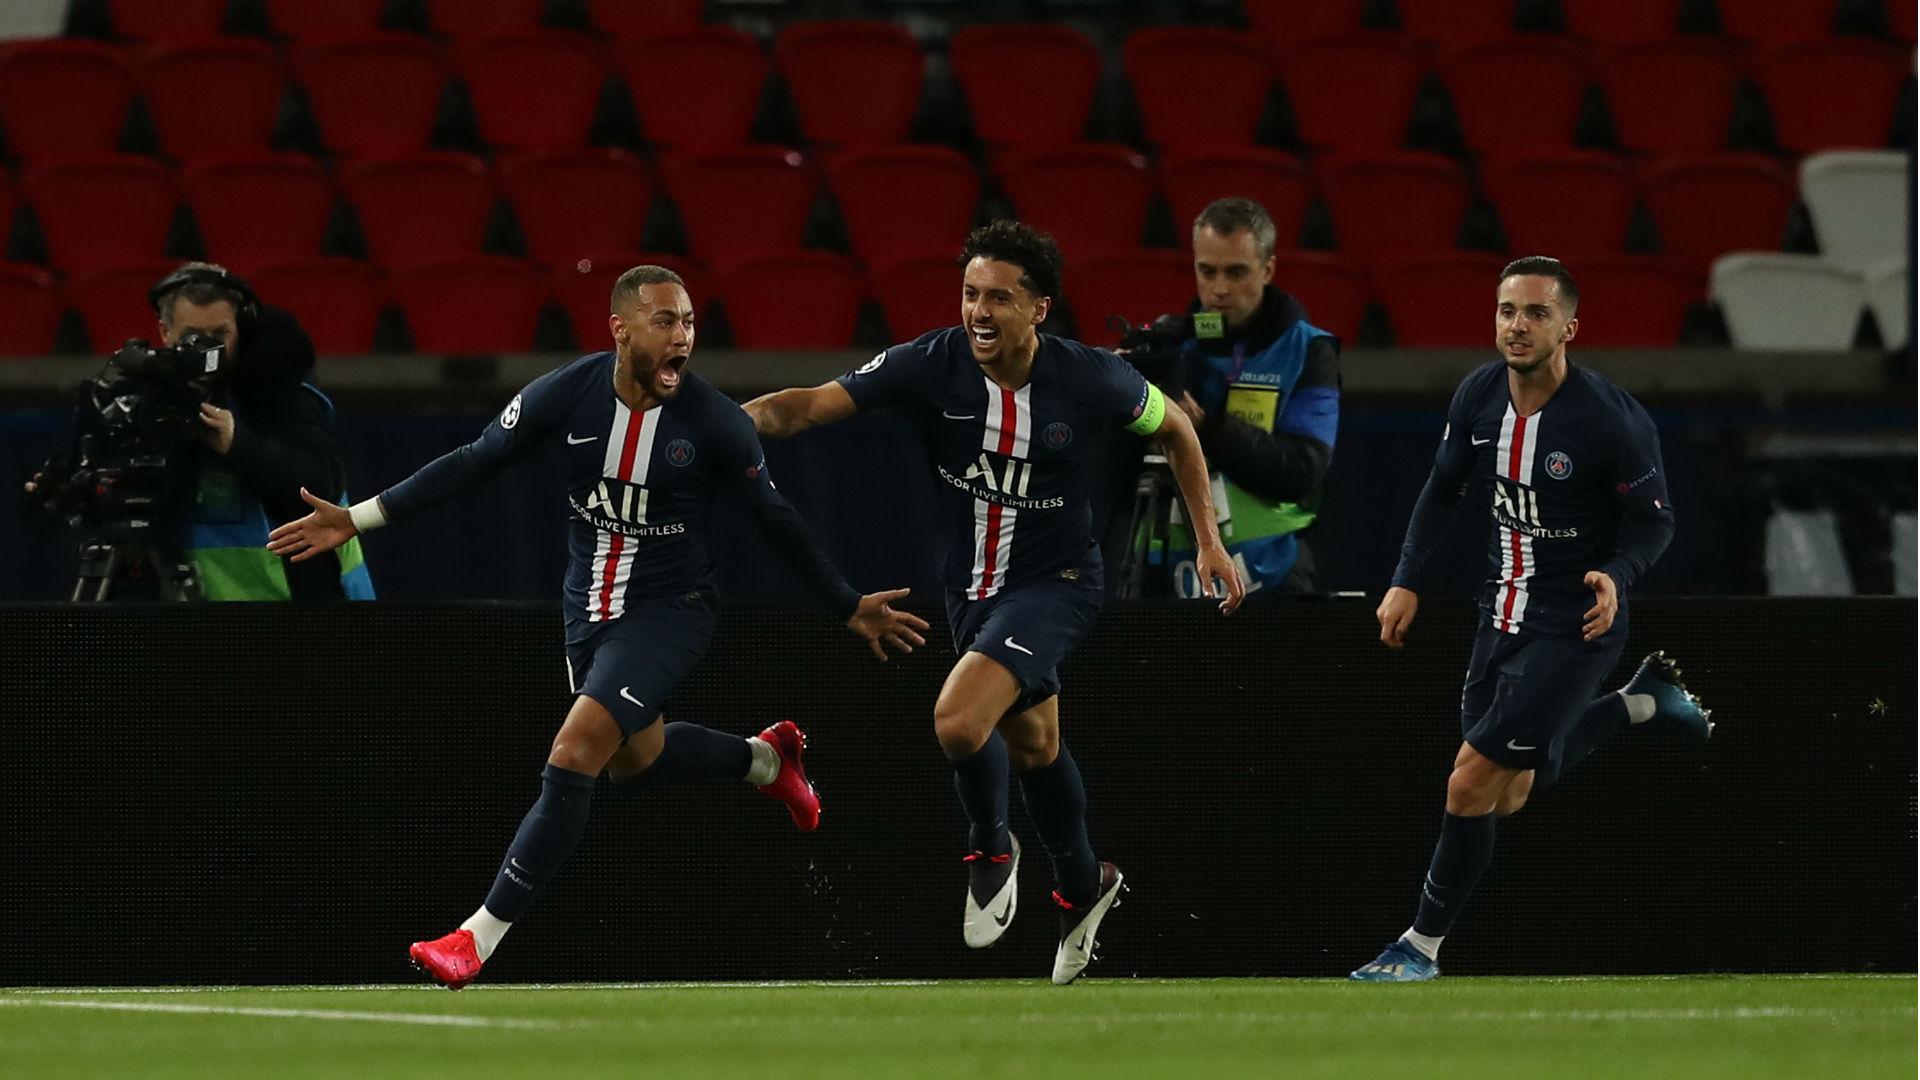 Paris Saint-Germain 2-0 Borussia Dortmund (3-2 agg): Neymar helps book QF spot at empty Parc des Princes